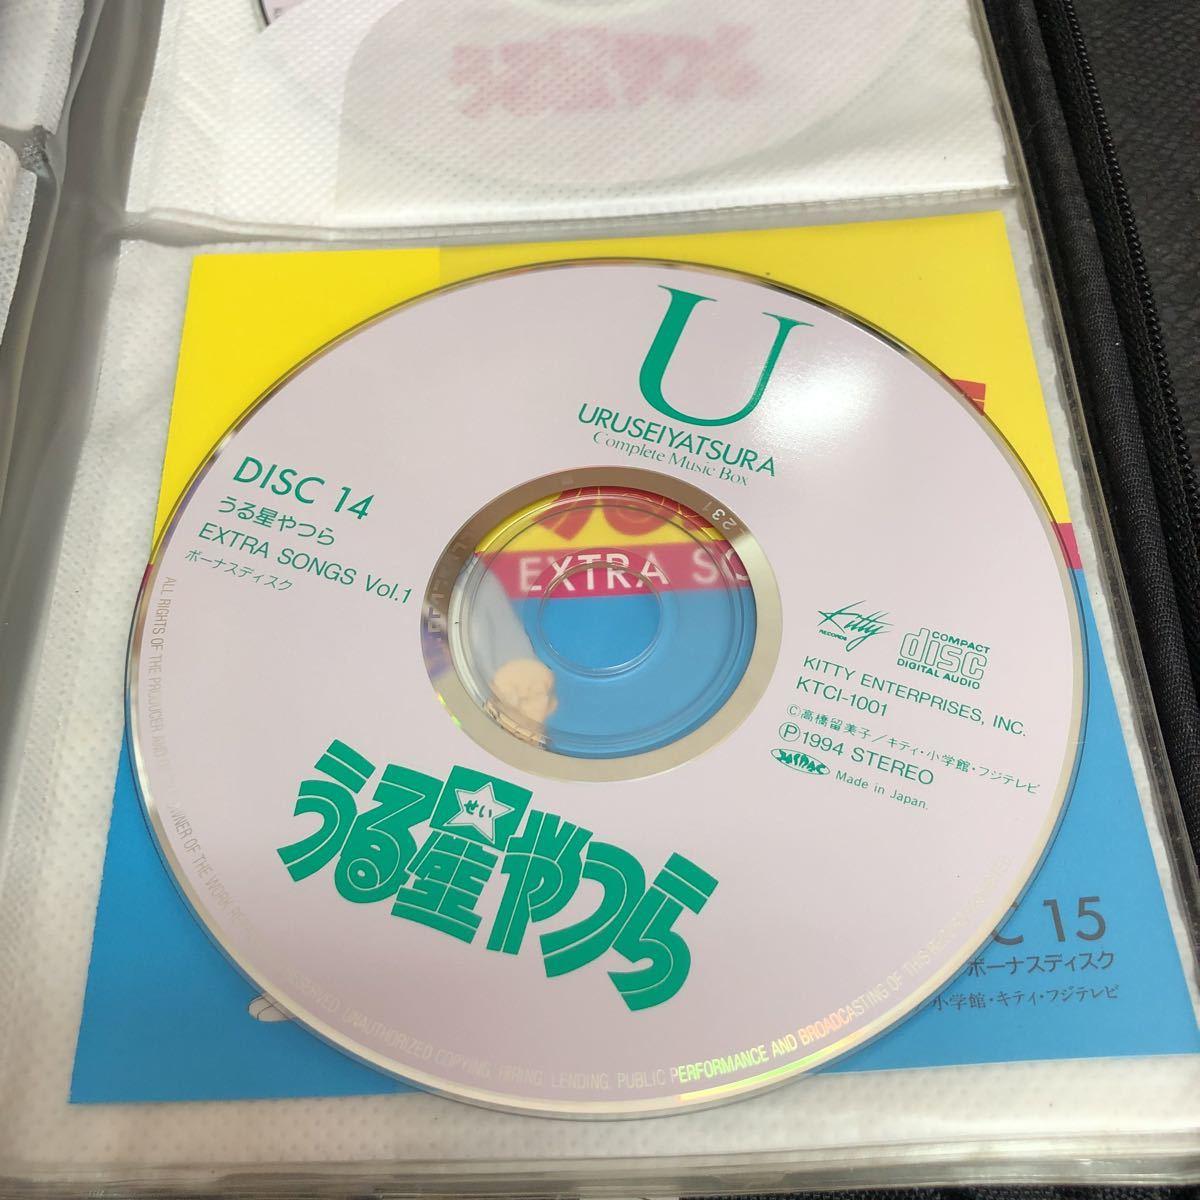 【アニメ】うる星やつら コンプリート・ミュージック・ボックス 全13枚組 ボーナスディスク2枚付き コレクション 盤綺麗です_画像9